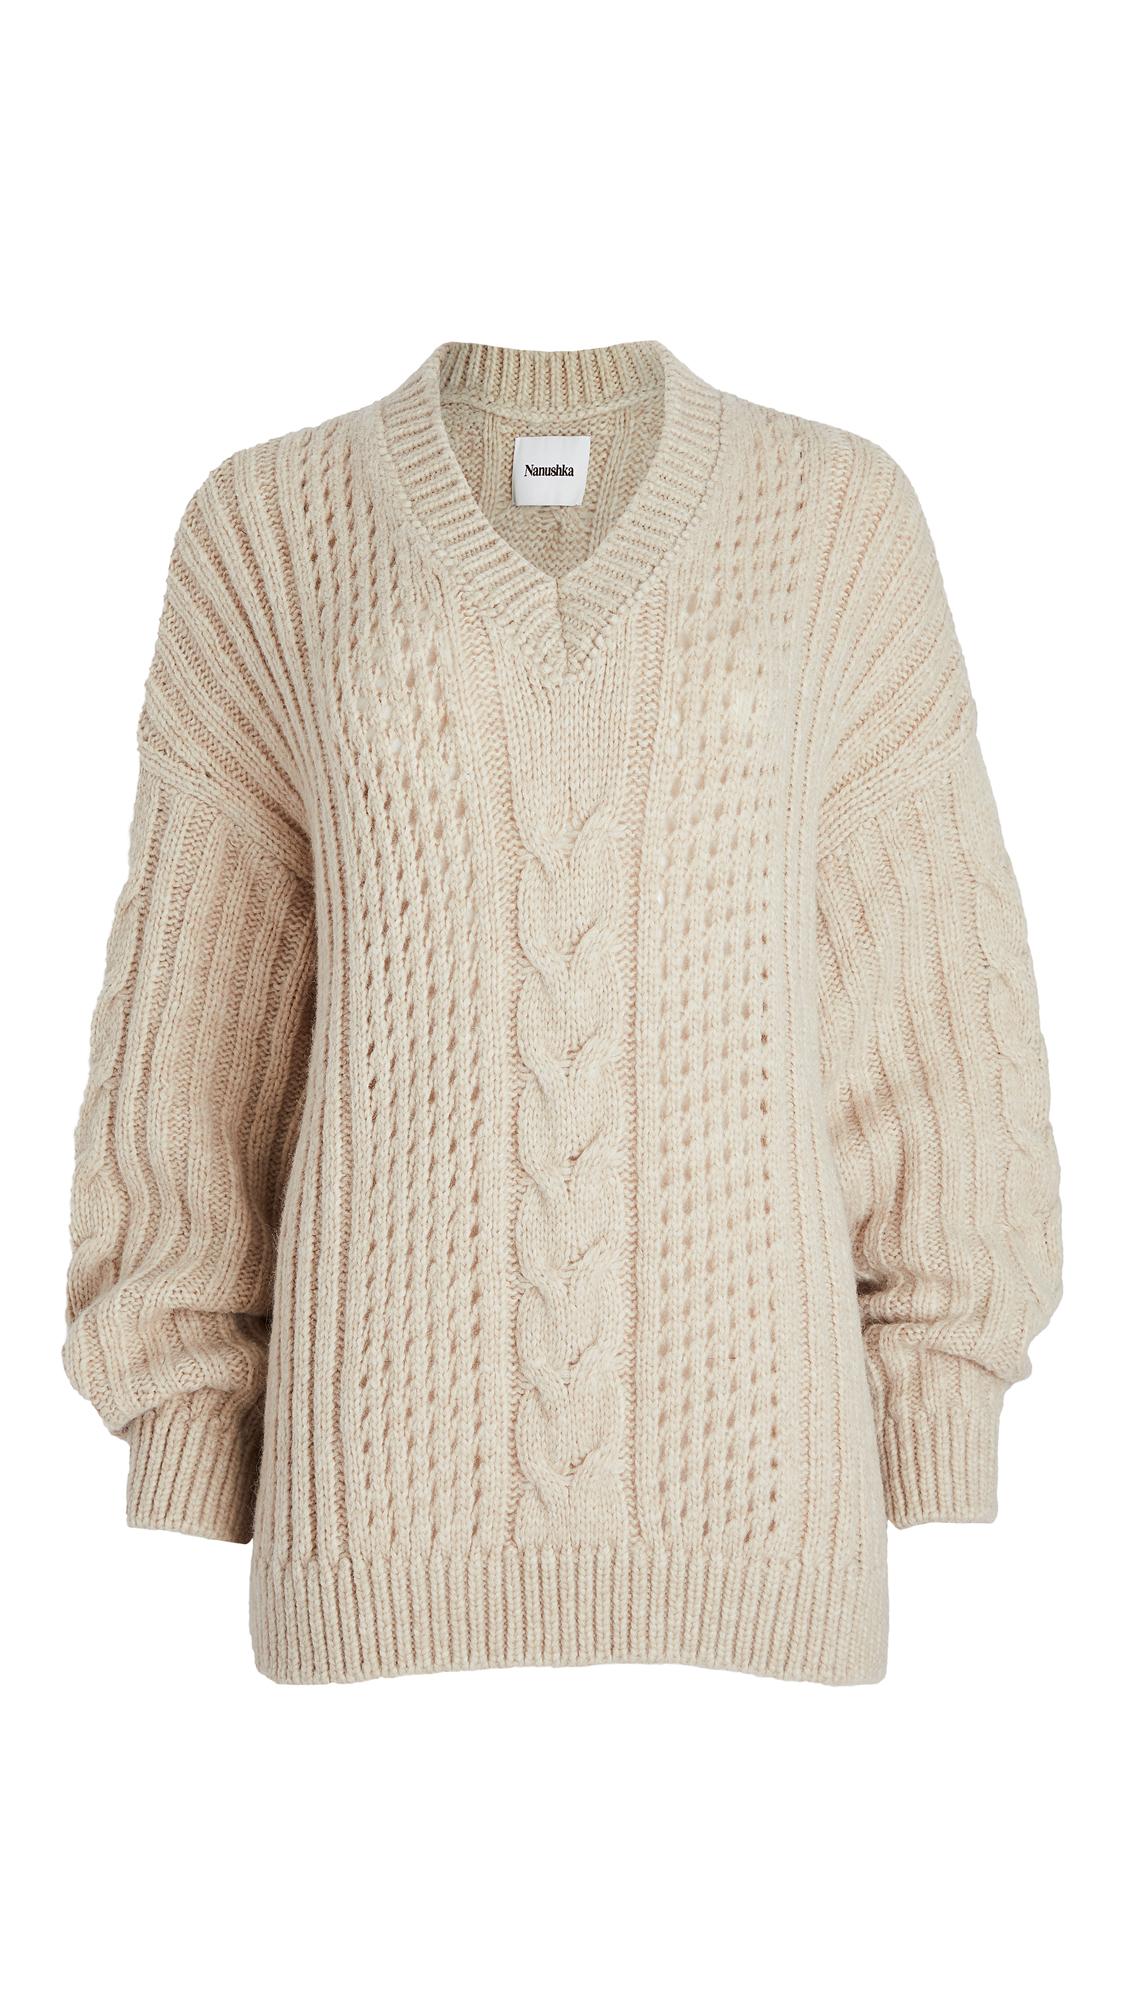 Nanushka Arwan Sweater